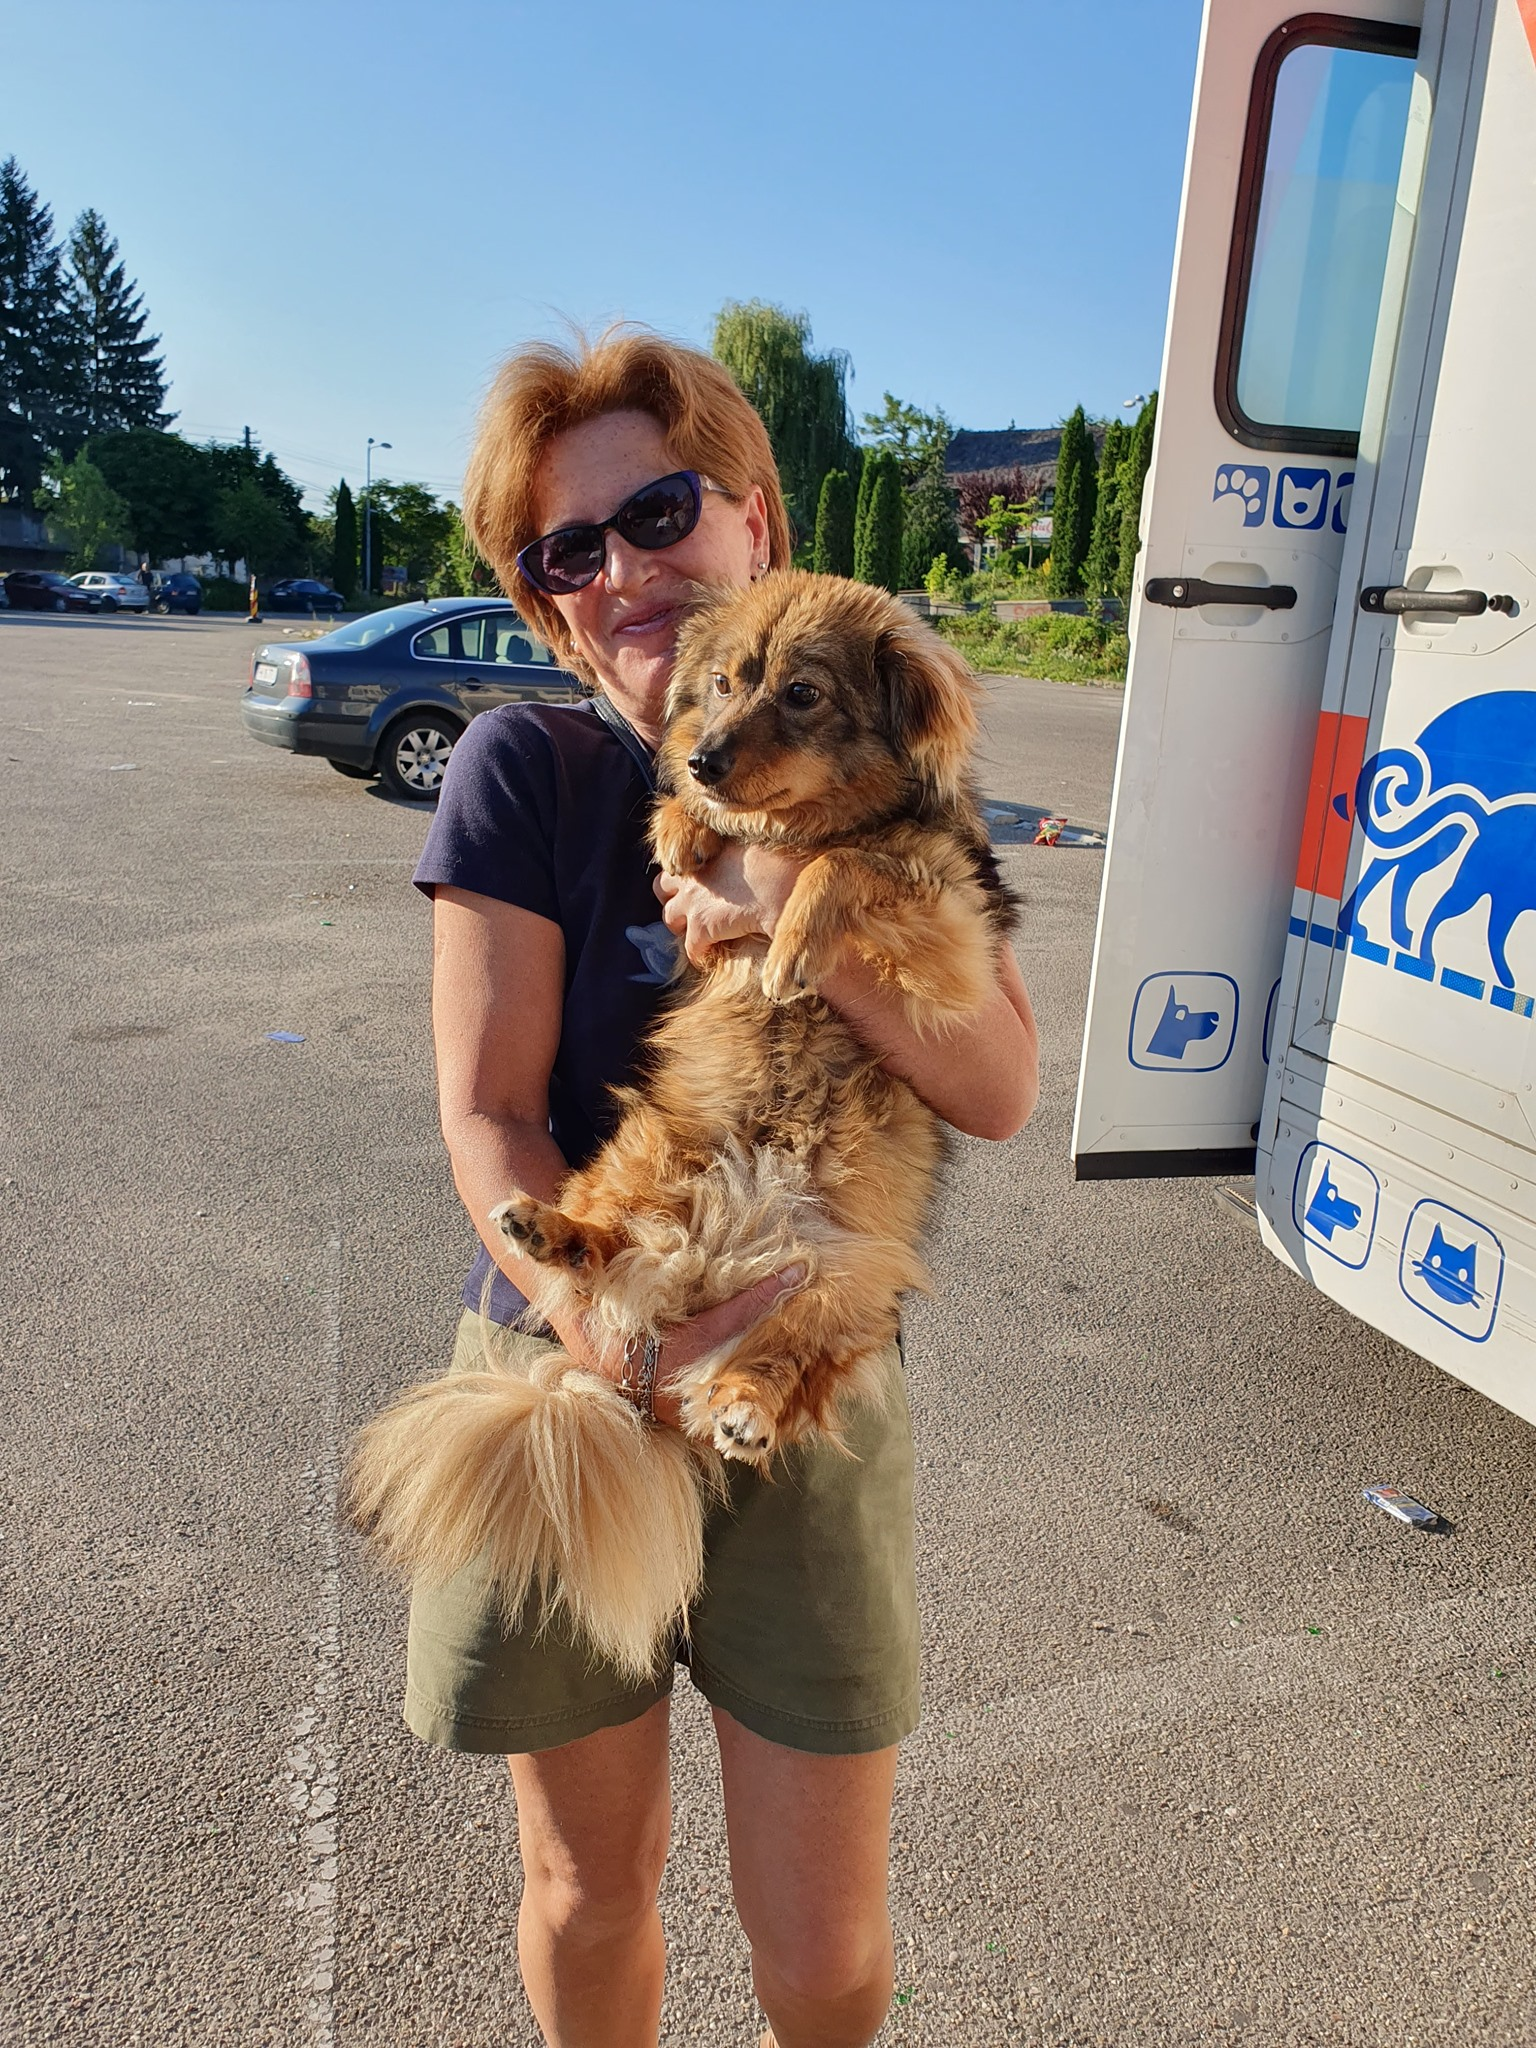 Campanie de sterilizare pisici și câini- Câmpina-doamna și cățelul maro la clinica mobilă